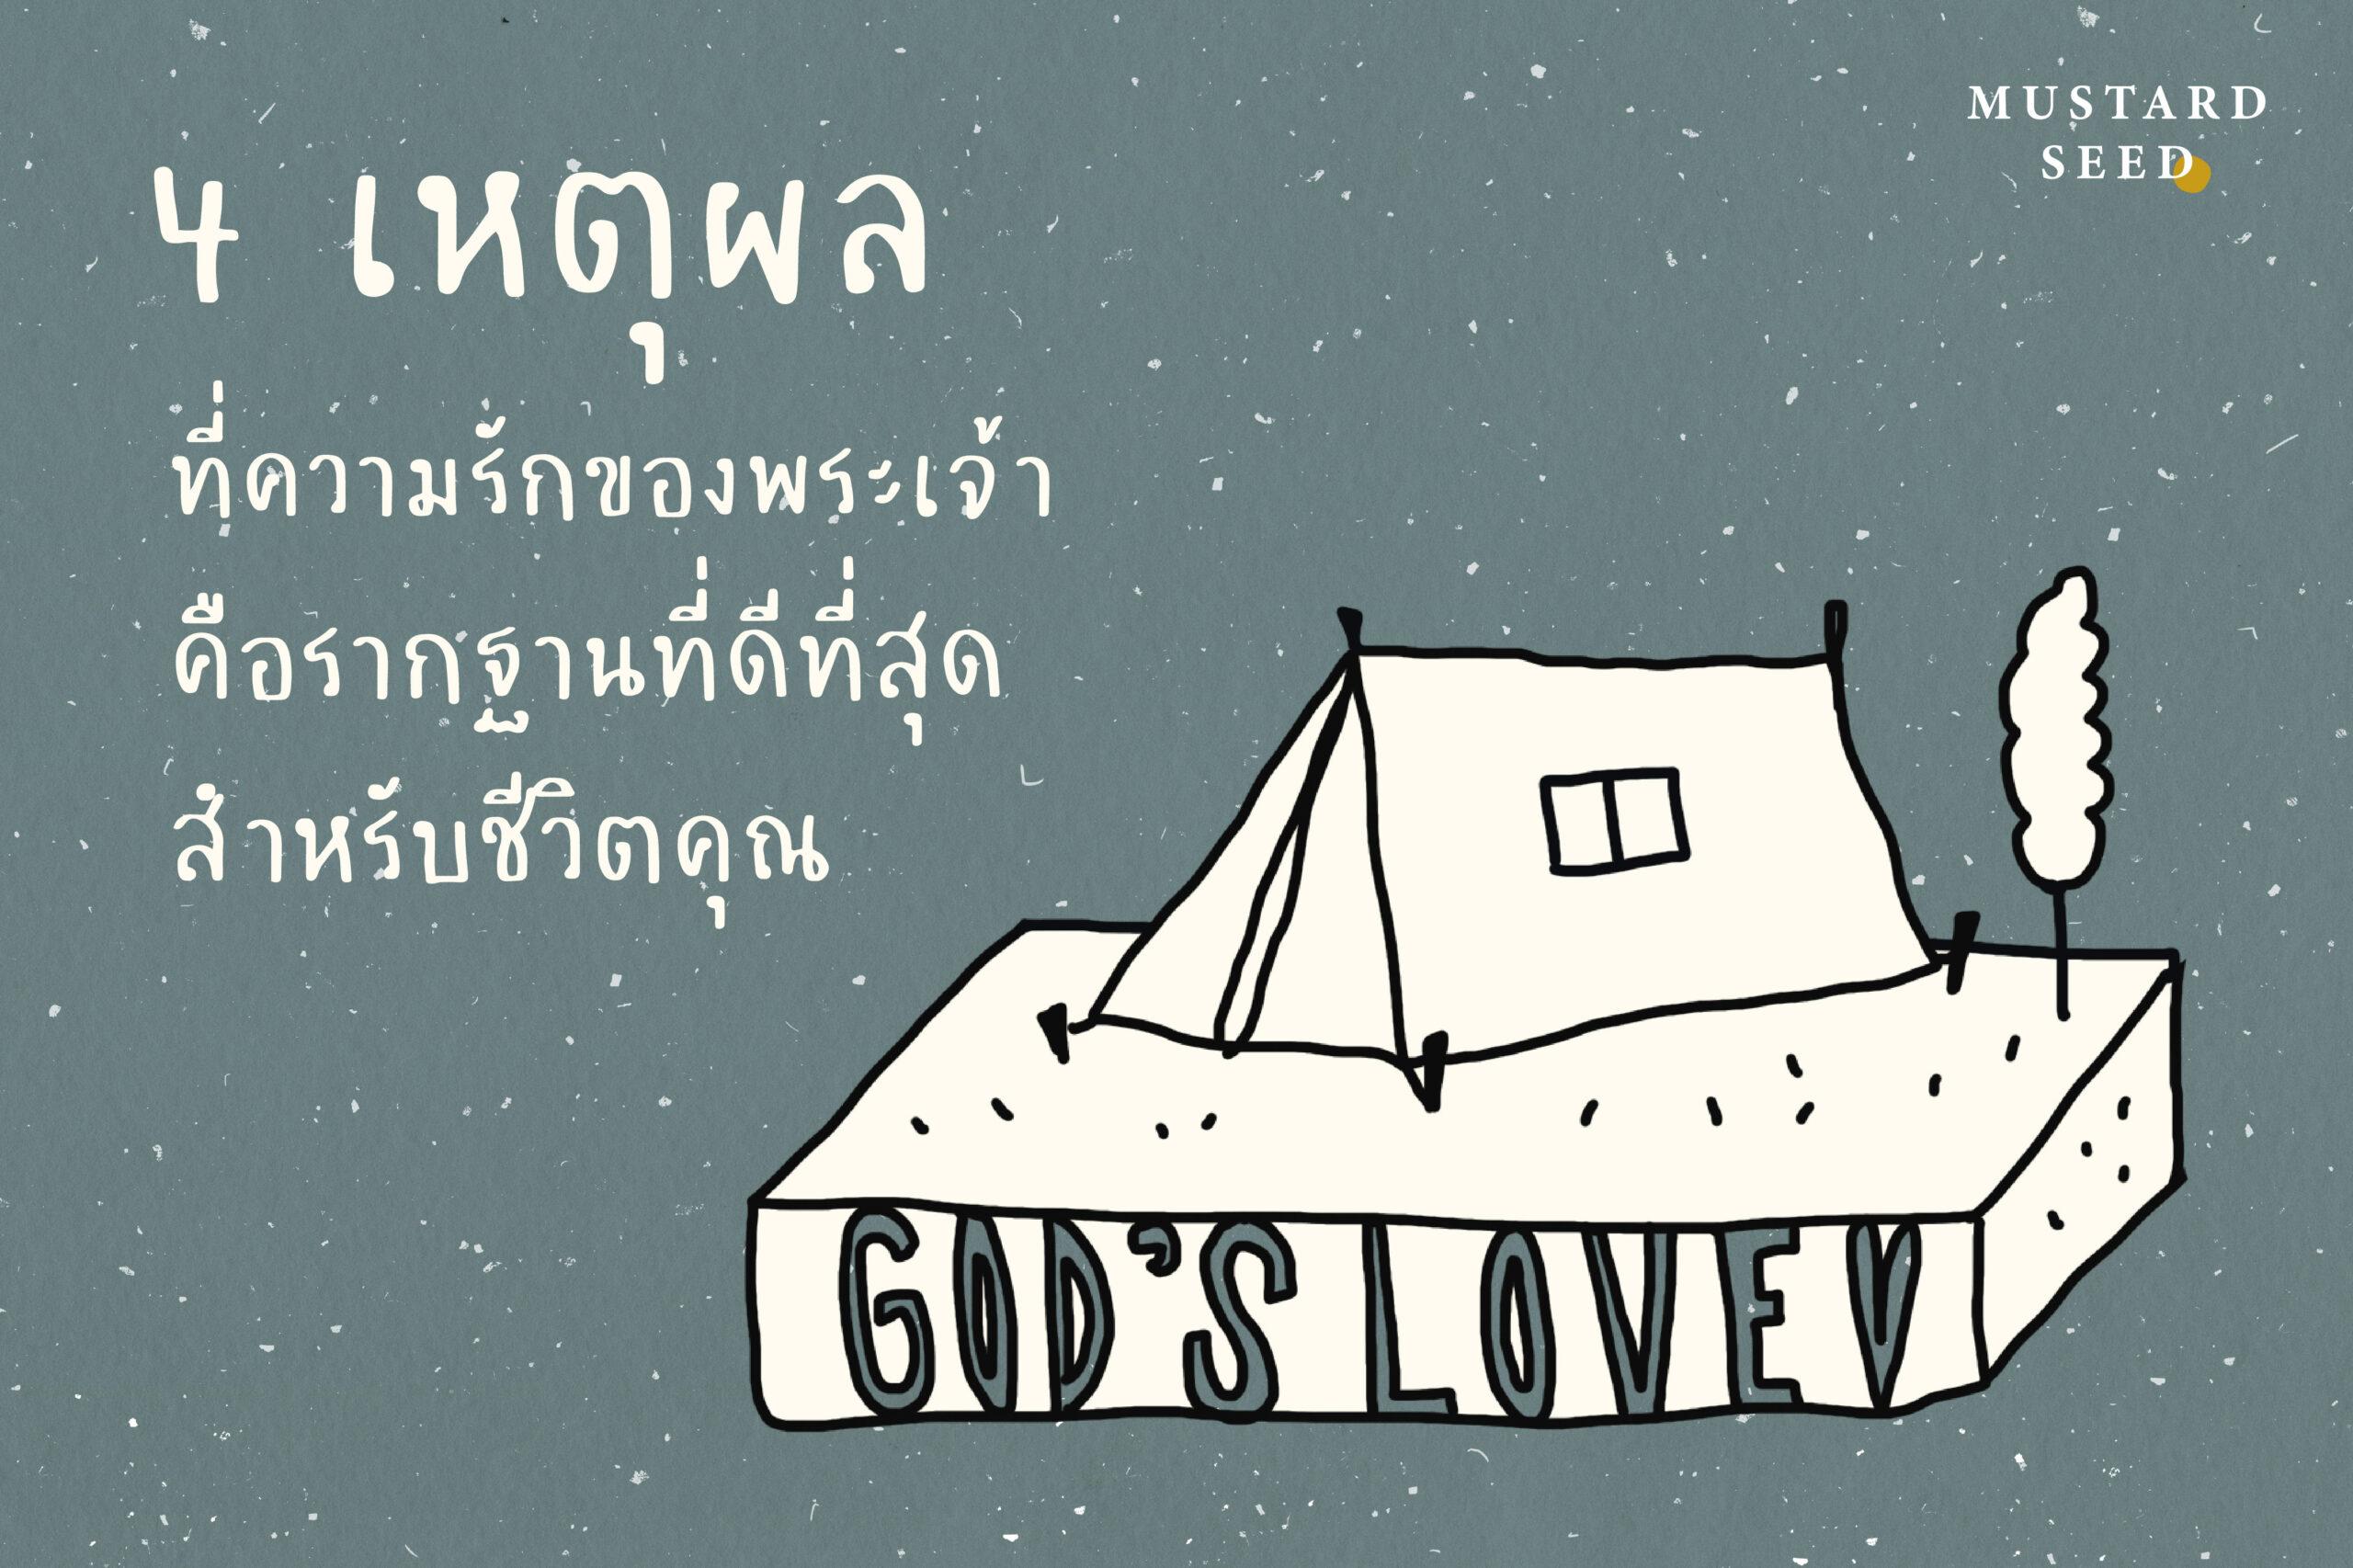 4 เหตุผลที่ความรักของพระเจ้าคือรากฐานที่ดีที่สุดสำหรับชีวิตคุณ